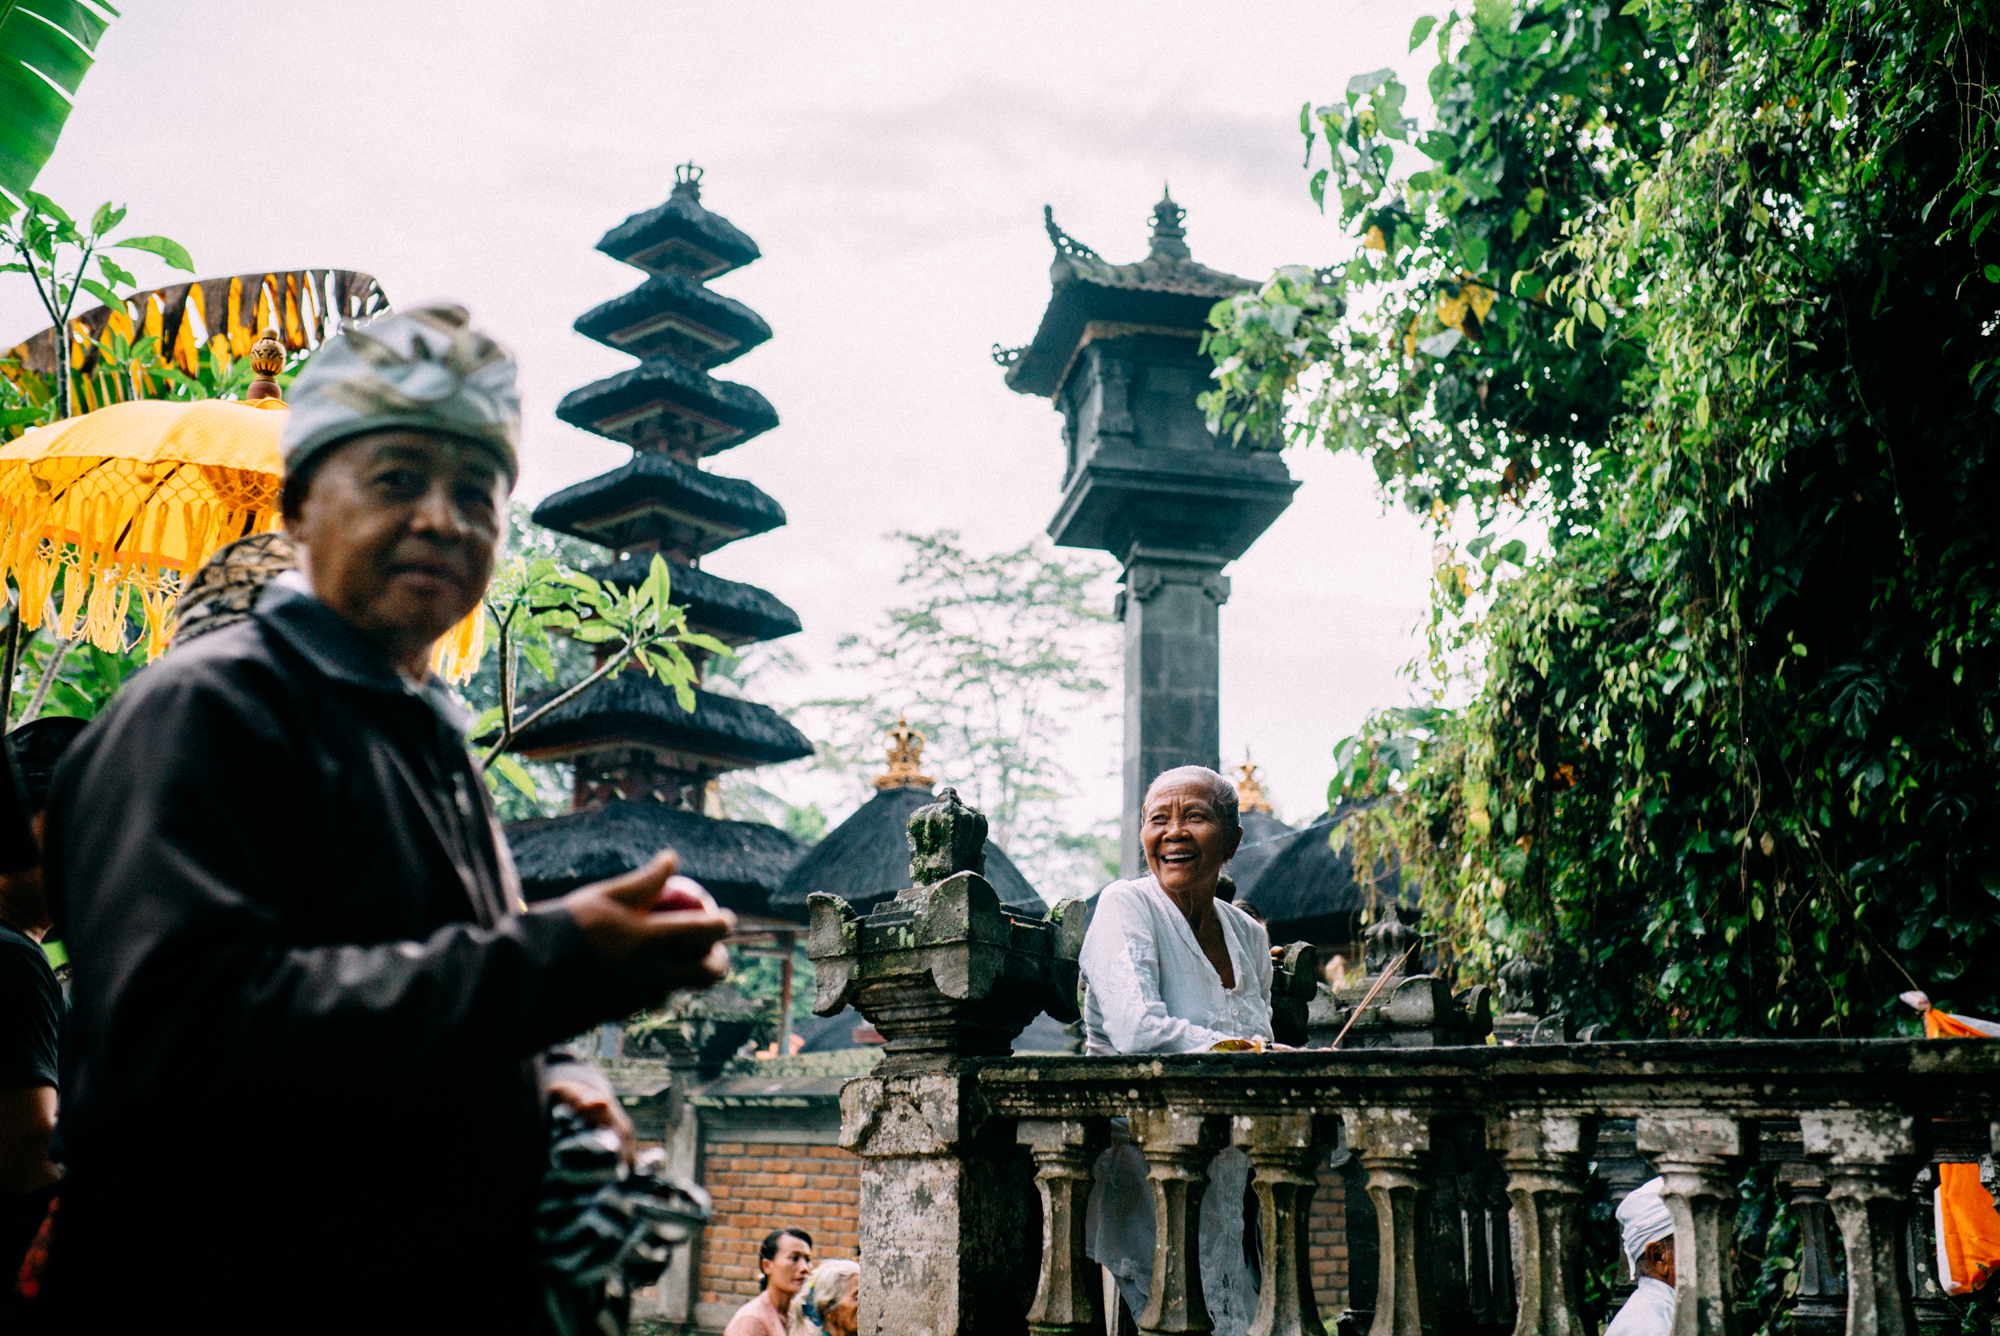 Bali-Gamelan-Web-10.jpg